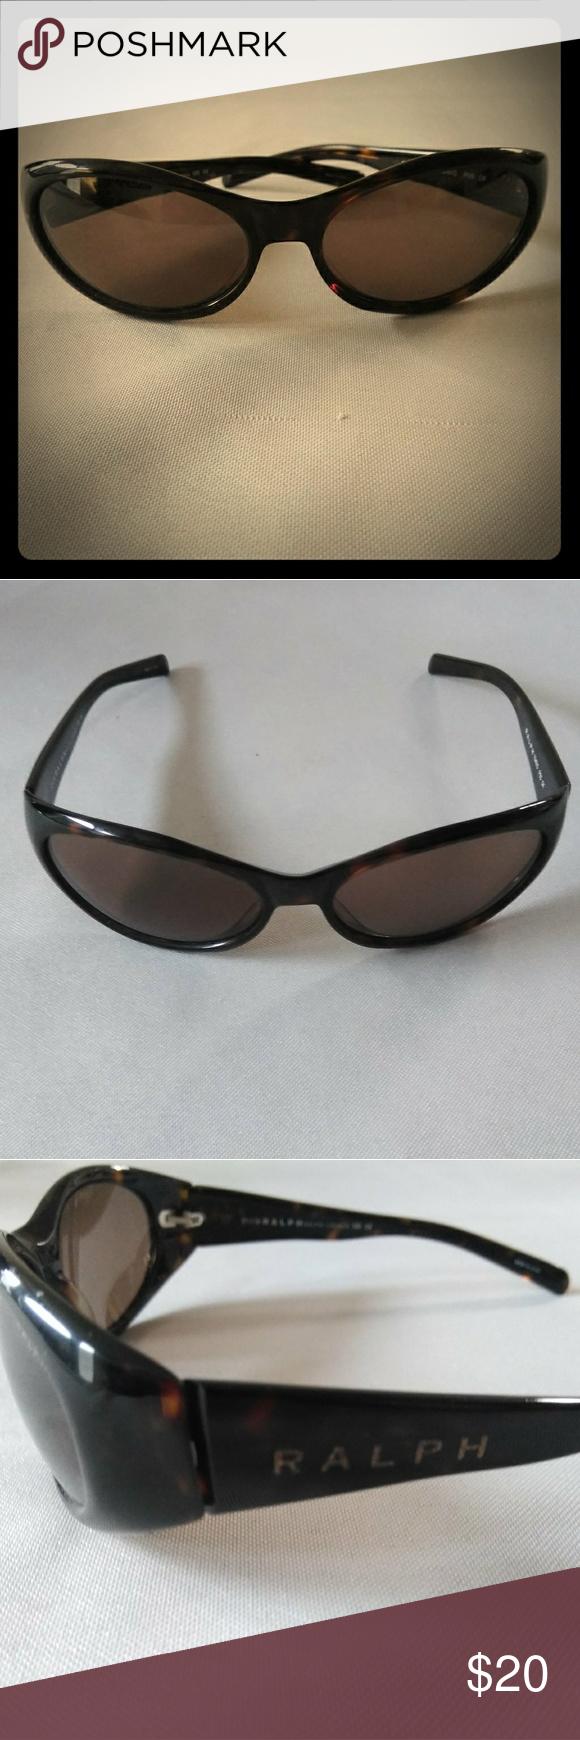 Ralph Lauren Gradient Brown Sunglasses 7546 S Brown Sunglasses Sunglasses Accessories Sunglasses